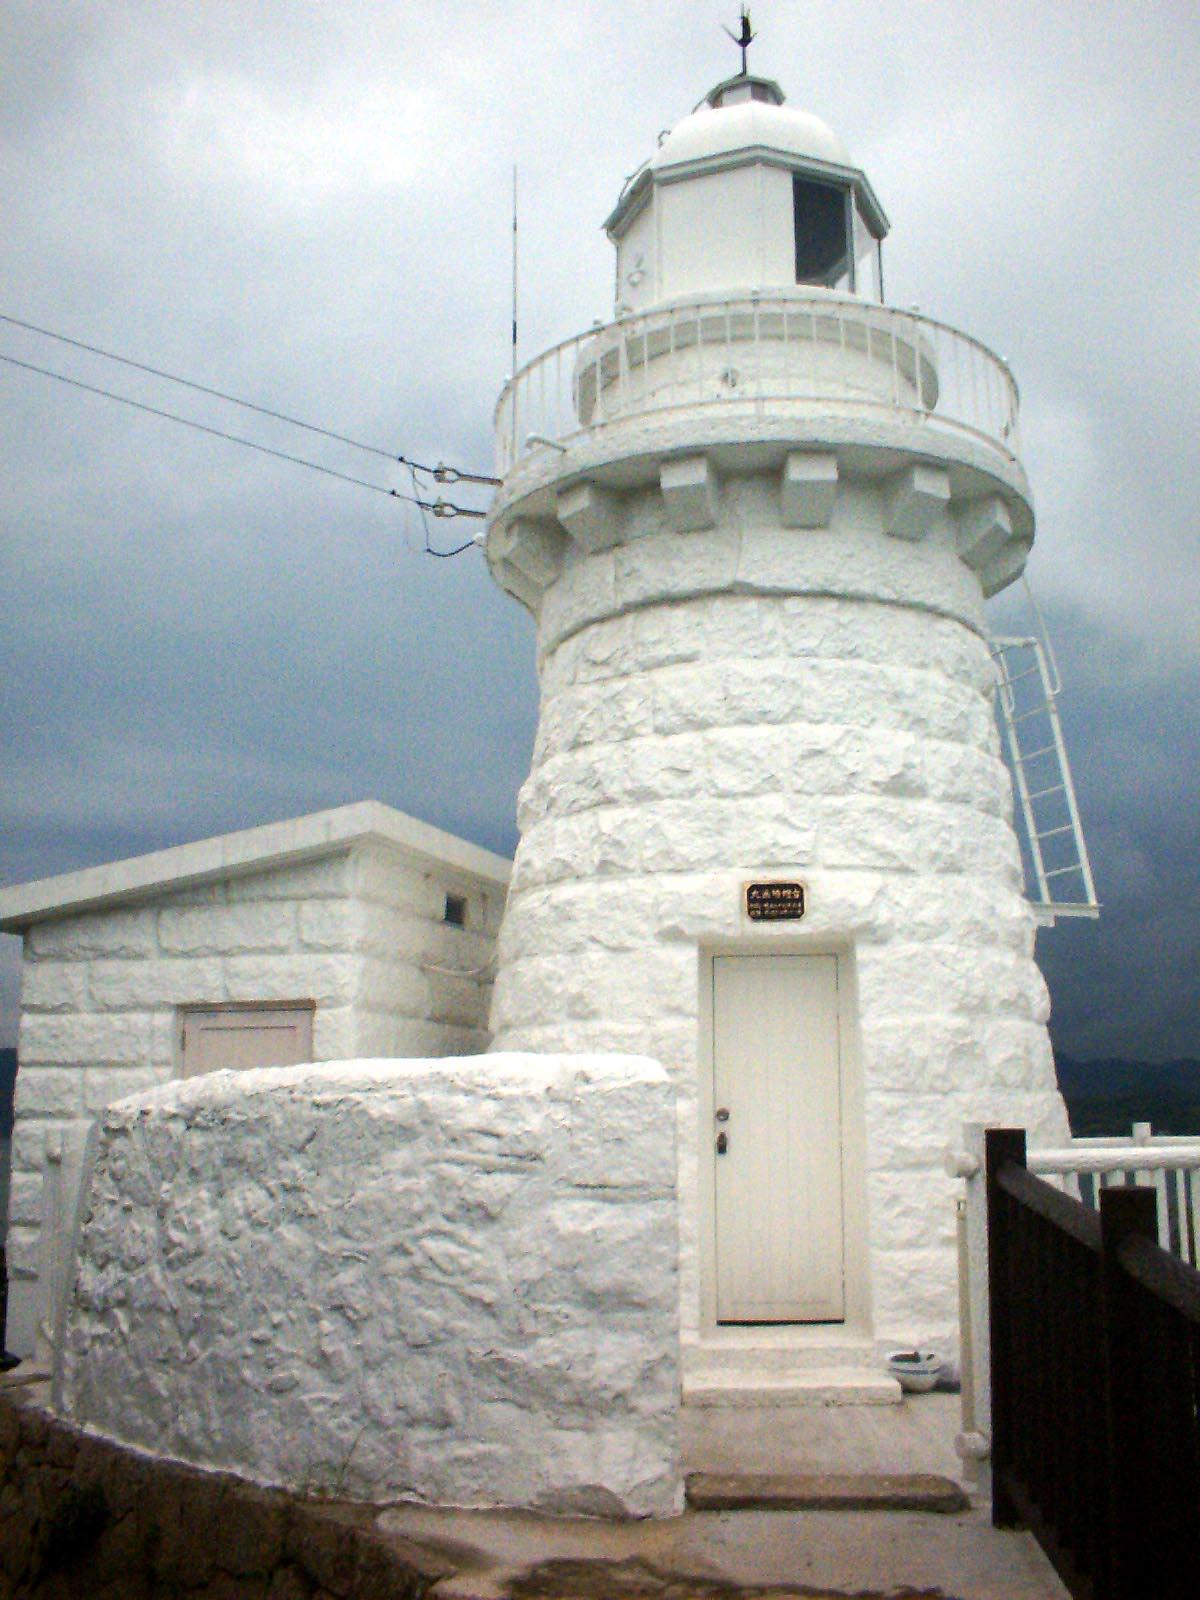 サイクリングツアーに協力し因島の大浜埼灯台の内部を特別公開します